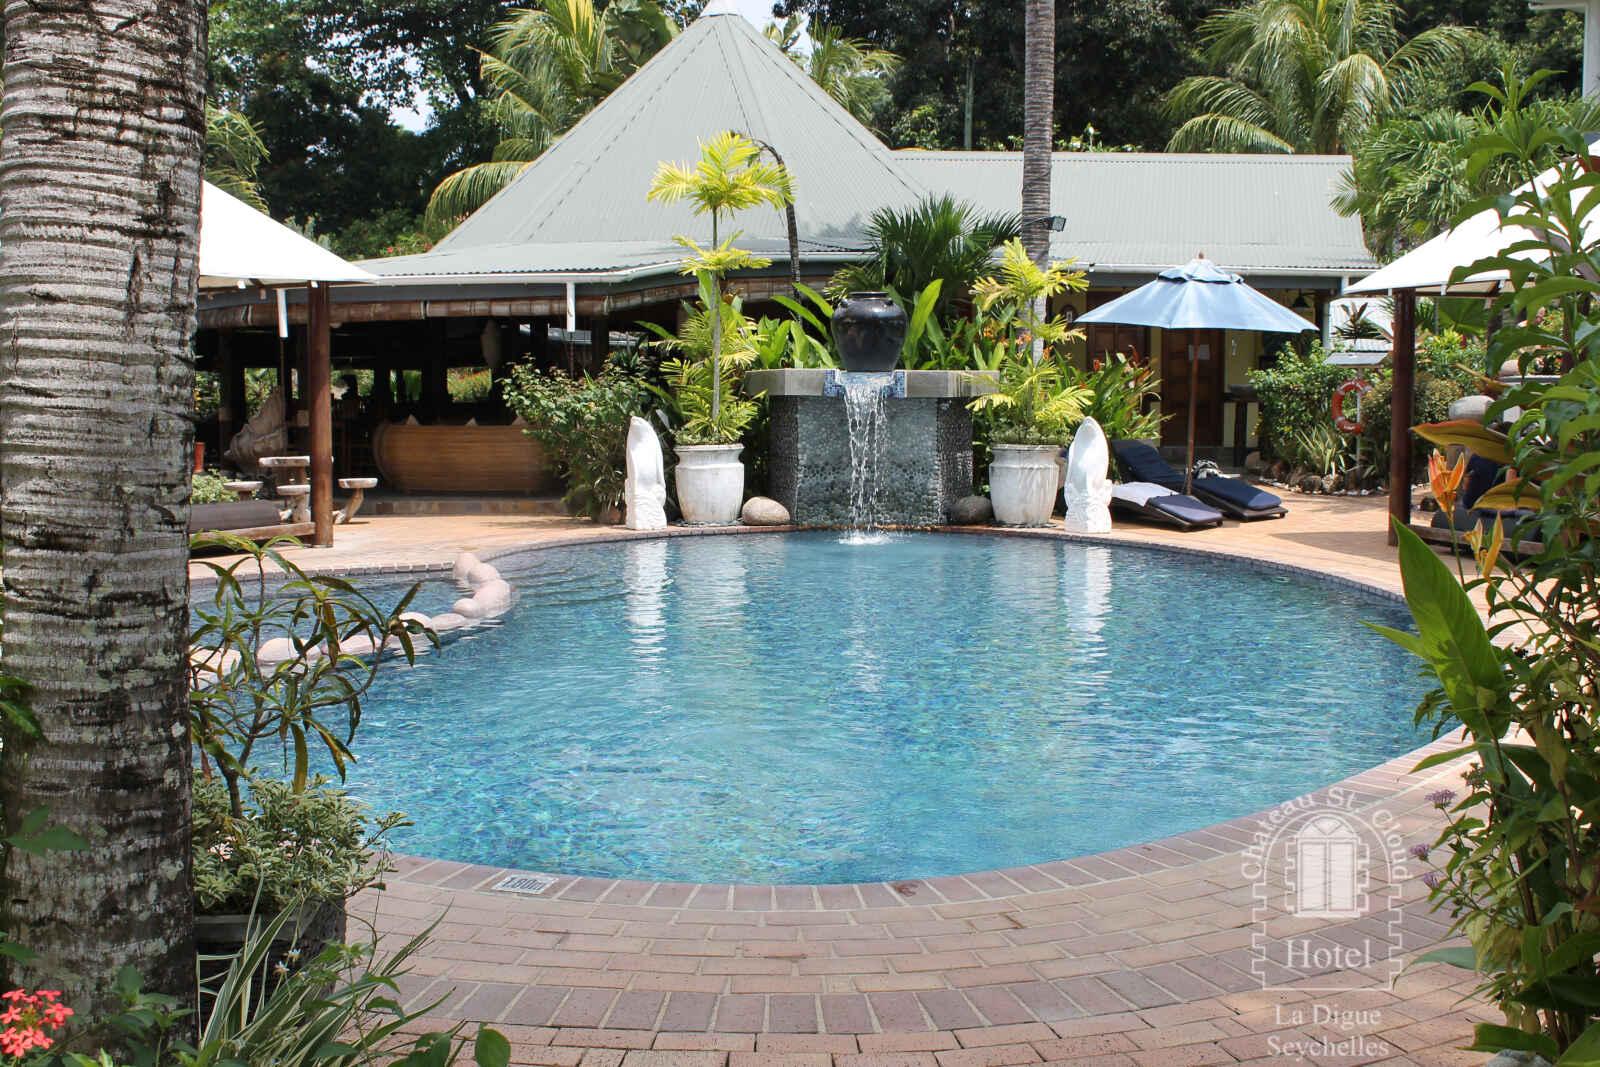 Seychelles : Chateau St Cloud